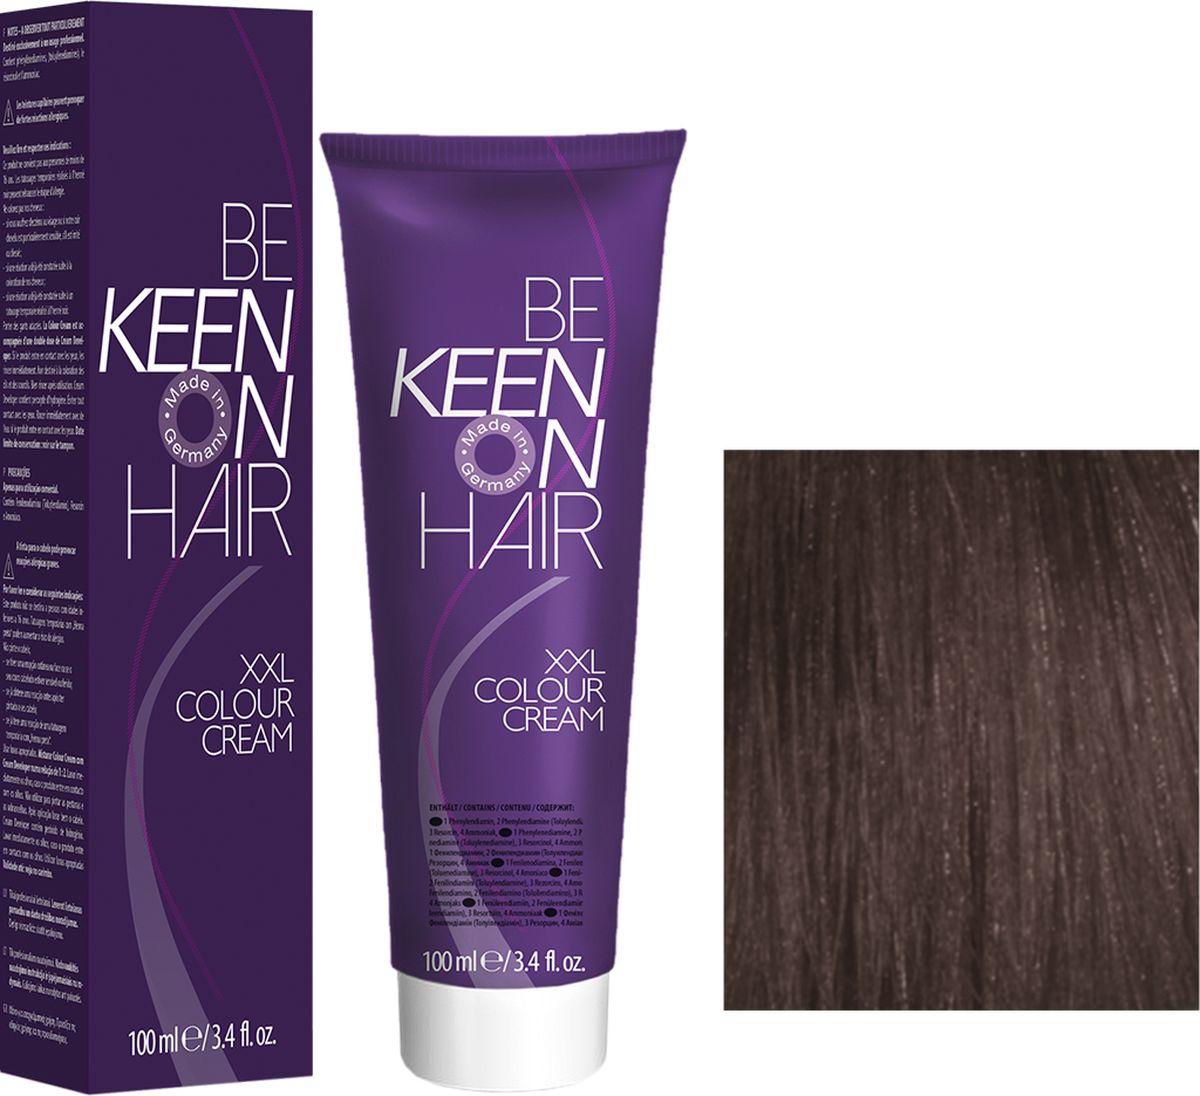 Keen Краска для волос 8.1 Пепельный блондин Blond Asch, 100 мл69100072Модные оттенкиБолее 100 оттенков для креативной комбинации цветов.ЭкономичностьПри использовании тюбика 100 мл вы получаете оптимальное соотношение цены и качества!УходМолочный белок поддерживает структуру волоса во время окрашивания и придает волосам блеск и шелковистость. Протеины хорошо встраиваются в волосы и снабжают их влагой.